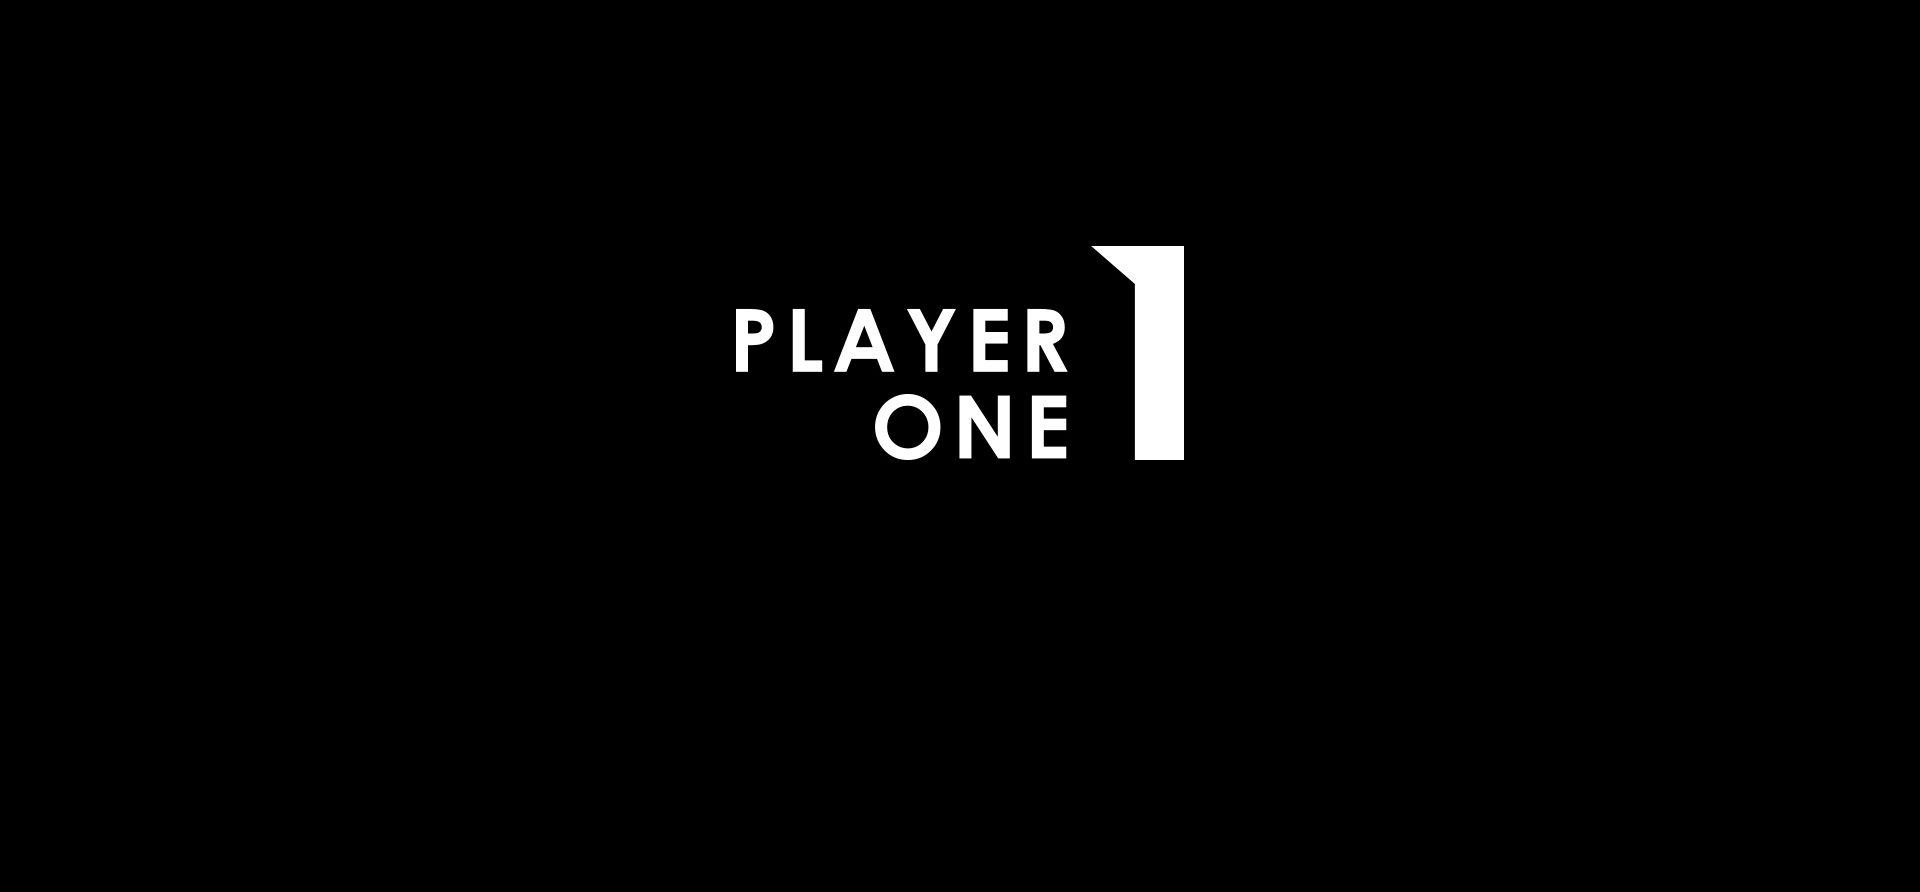 Медиапроект Игры Mail.ru/PC перезапускается под названием Player One.